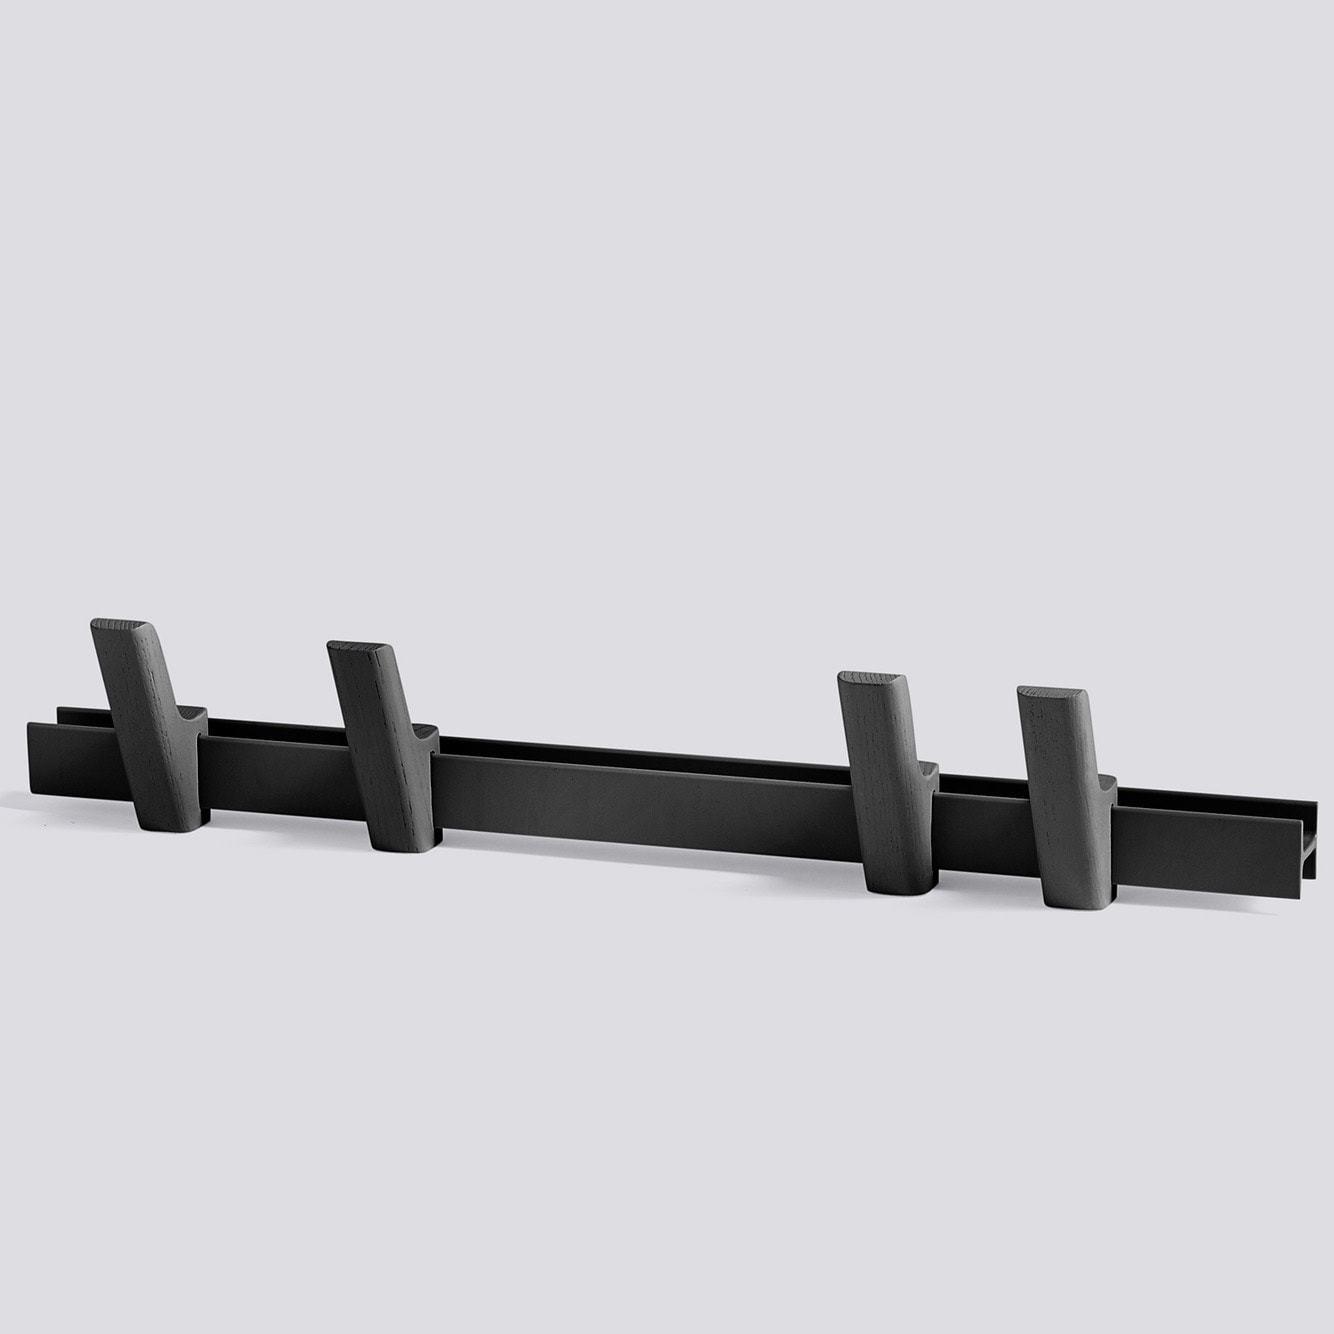 Modish Hay - Beam knaggrekke antrasitt L 60 cm - Interiørbutikken XU-19